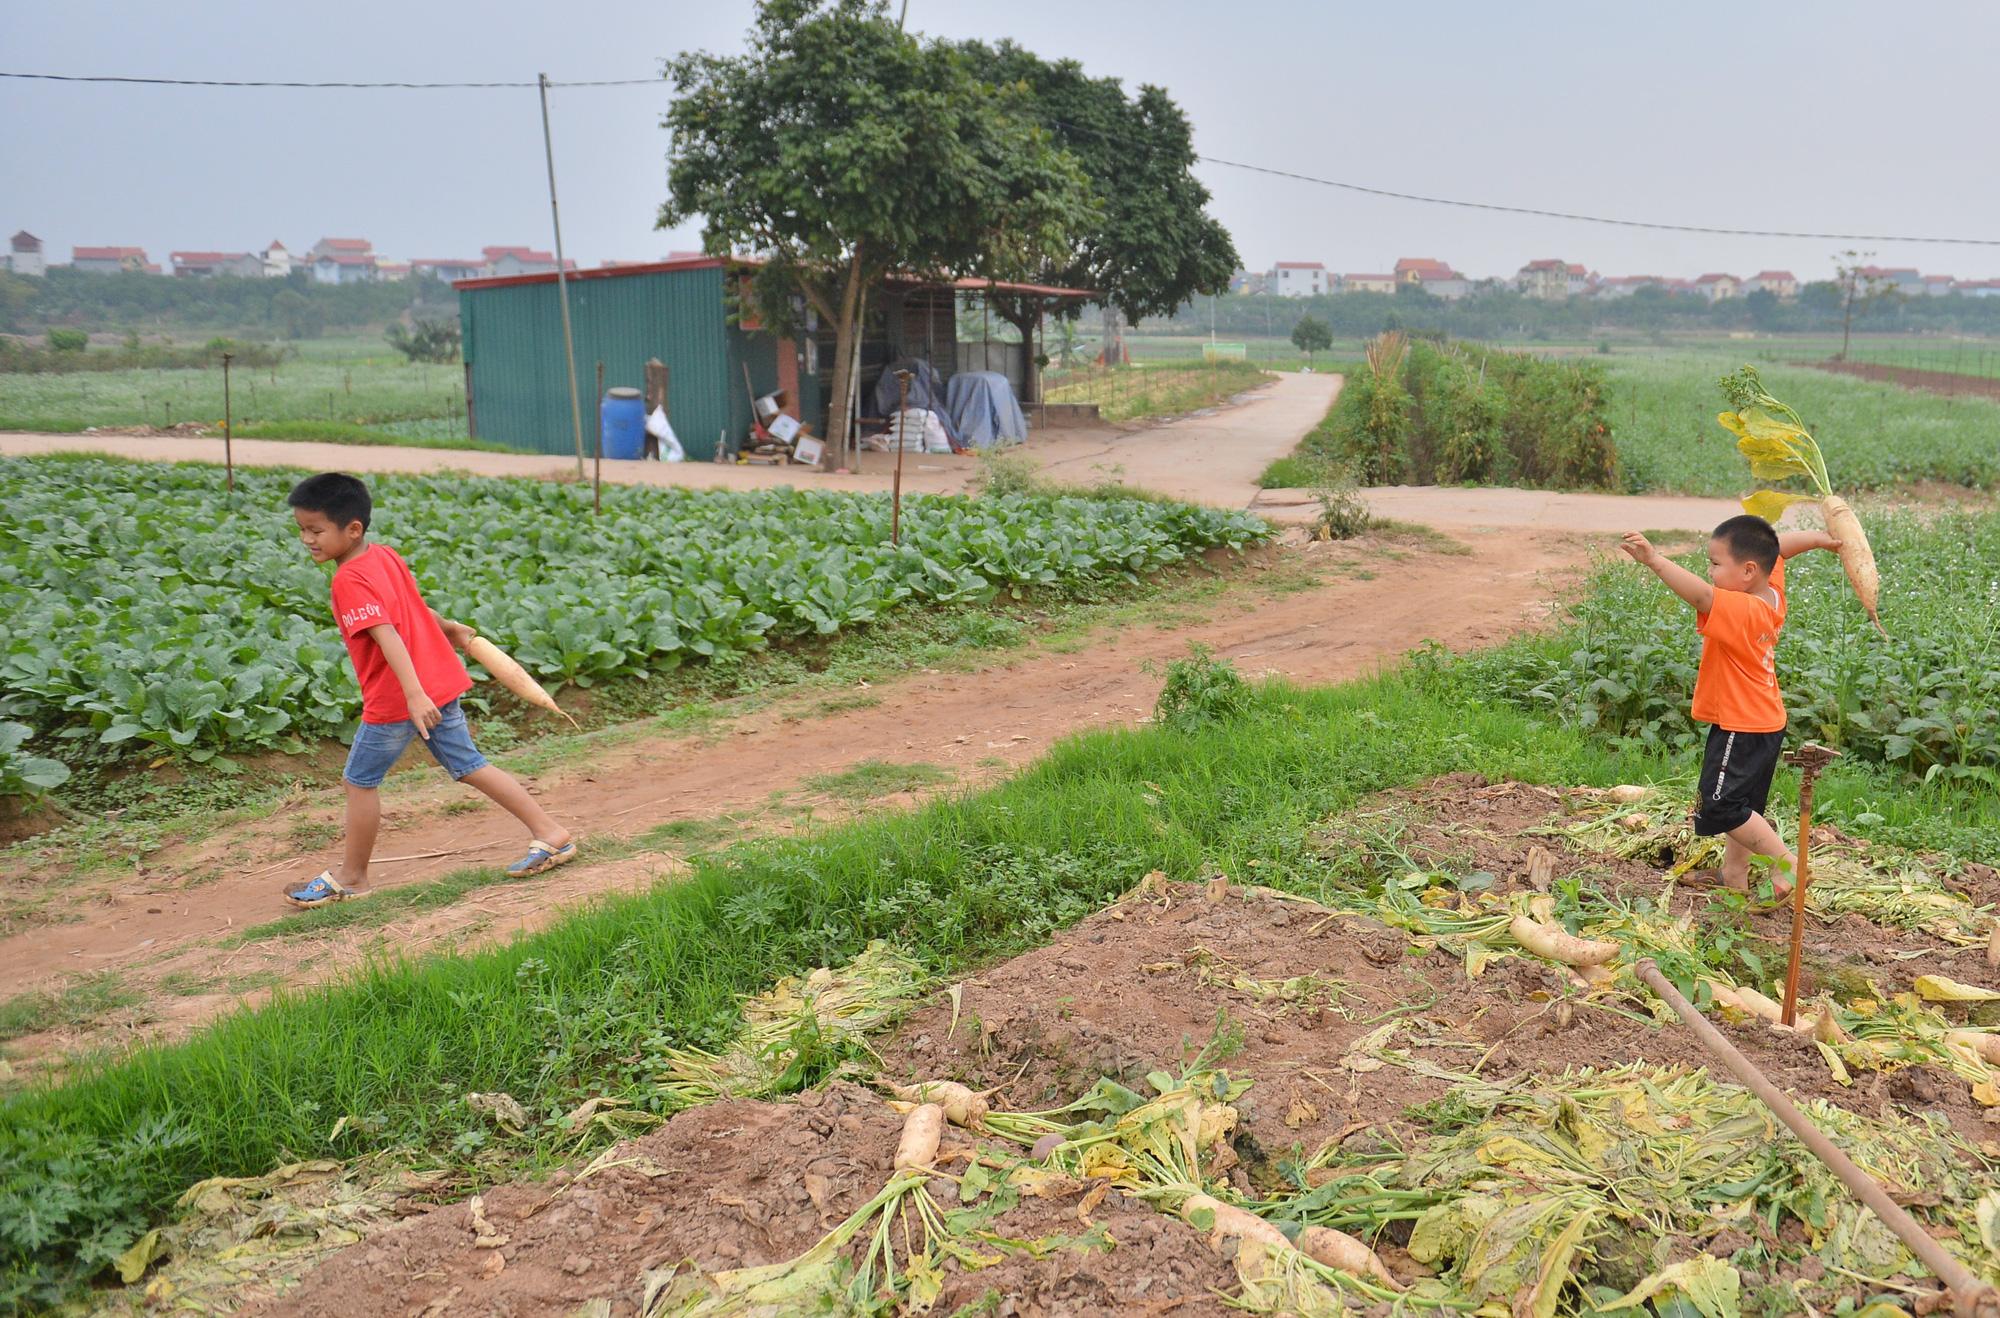 Sau Hải Dương, hàng trăm tấn củ cải ở Hà Nội rớt giá, người dân phải nhổ bỏ vì bán không ai mua - Ảnh 8.